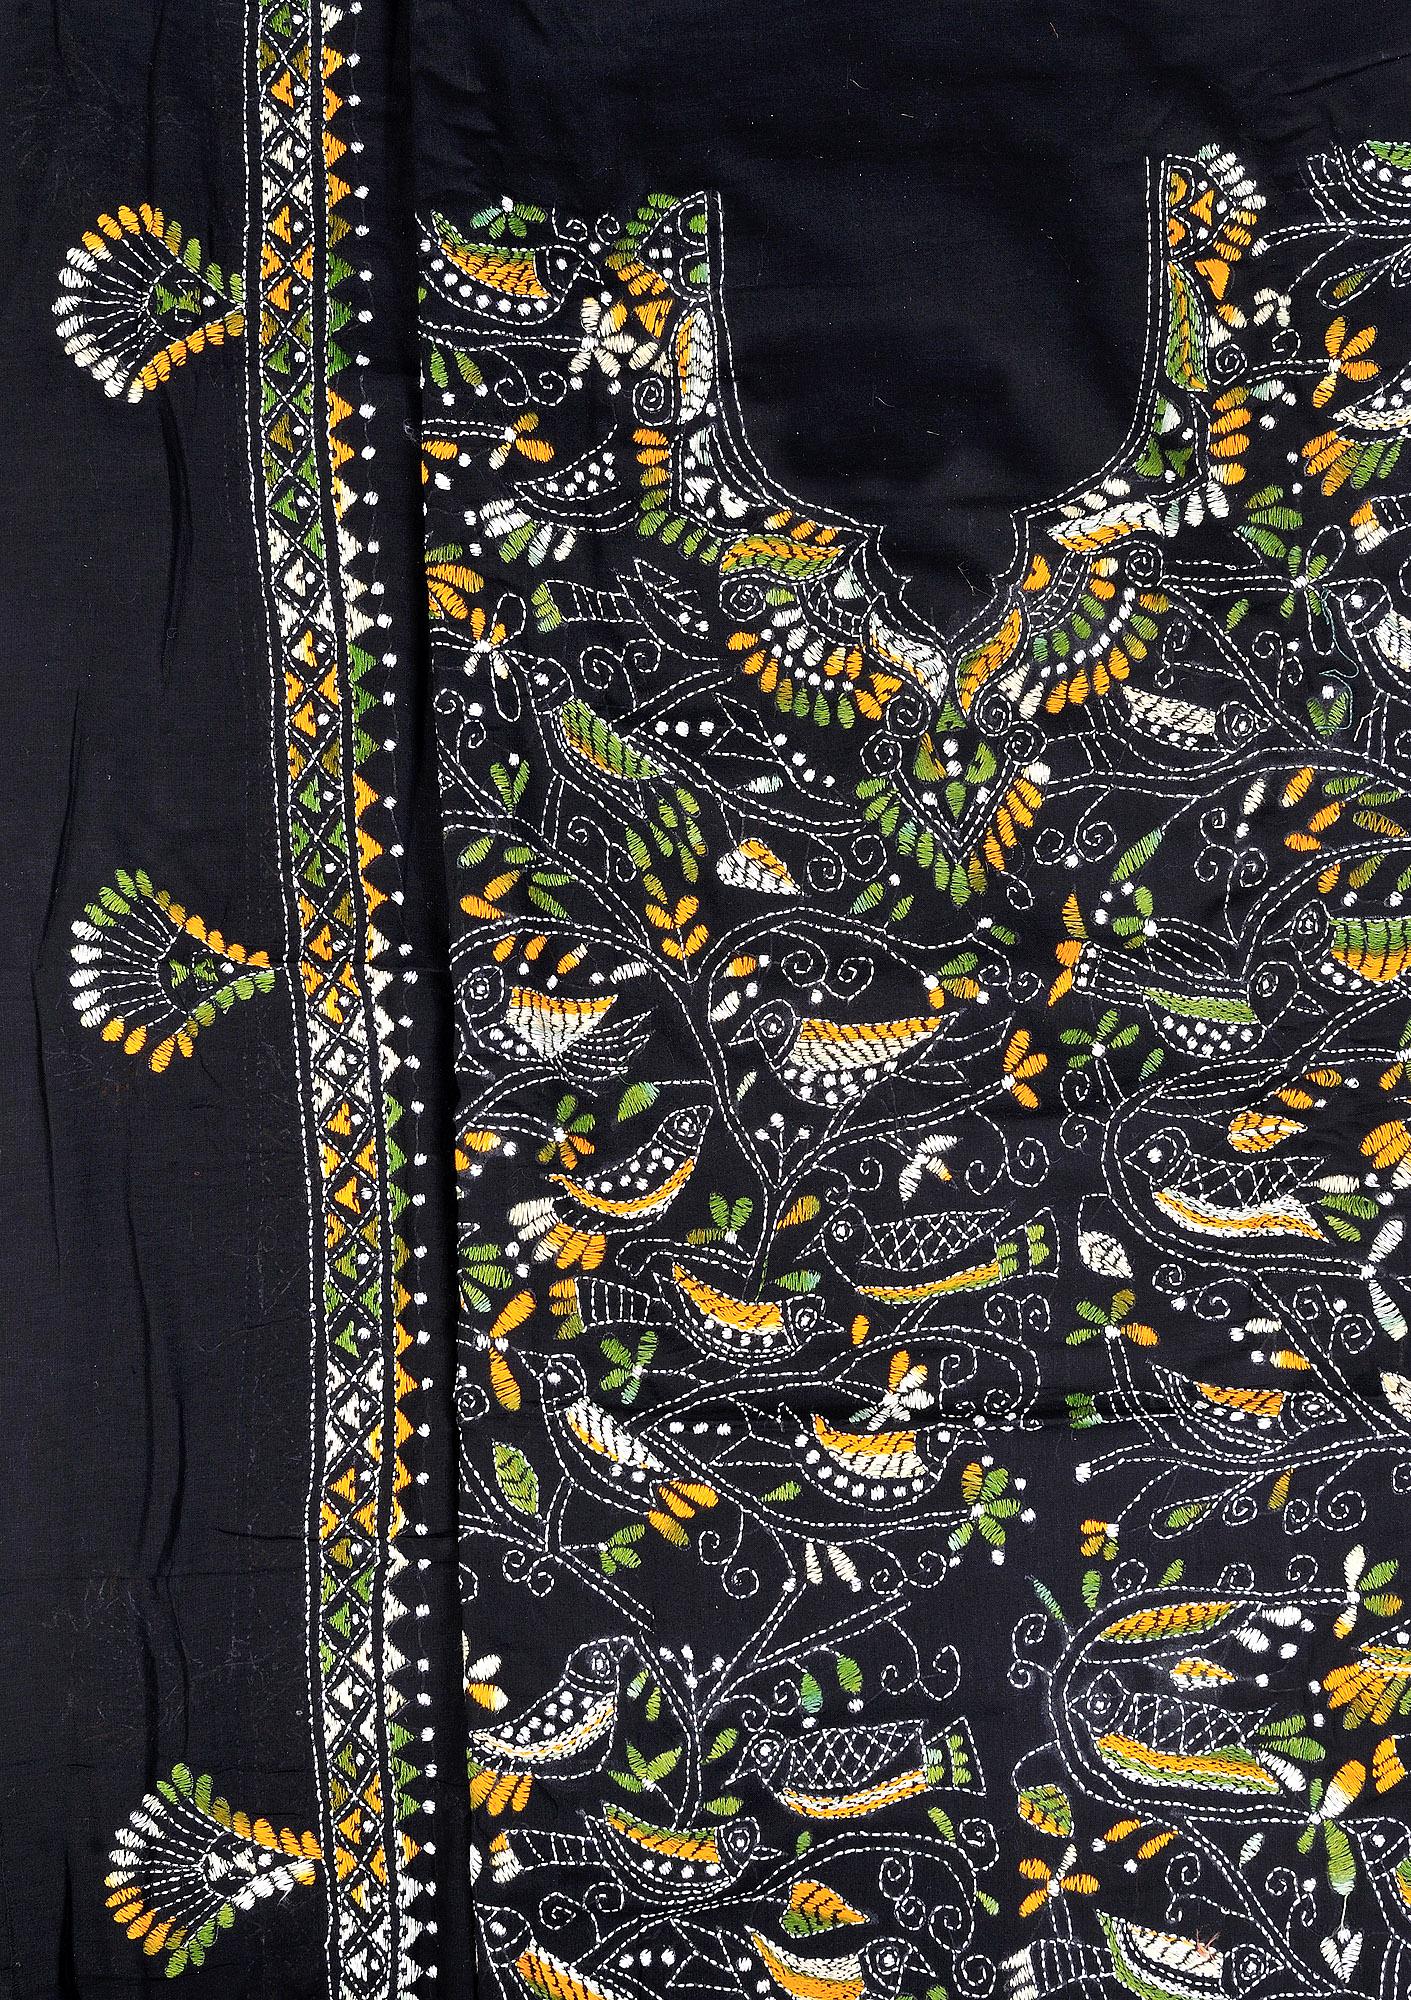 Jet black salwar kameez fabric from kolkata with kantha